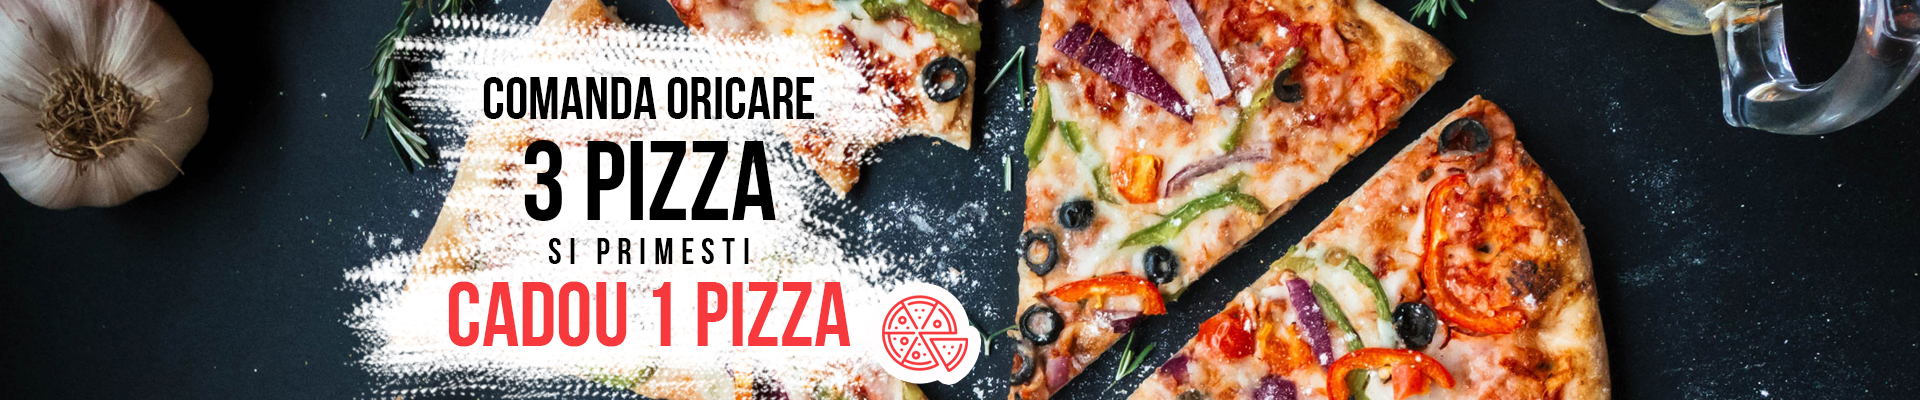 Comanda oricare 3 Pizza si primesti Cadou 1 Pizza